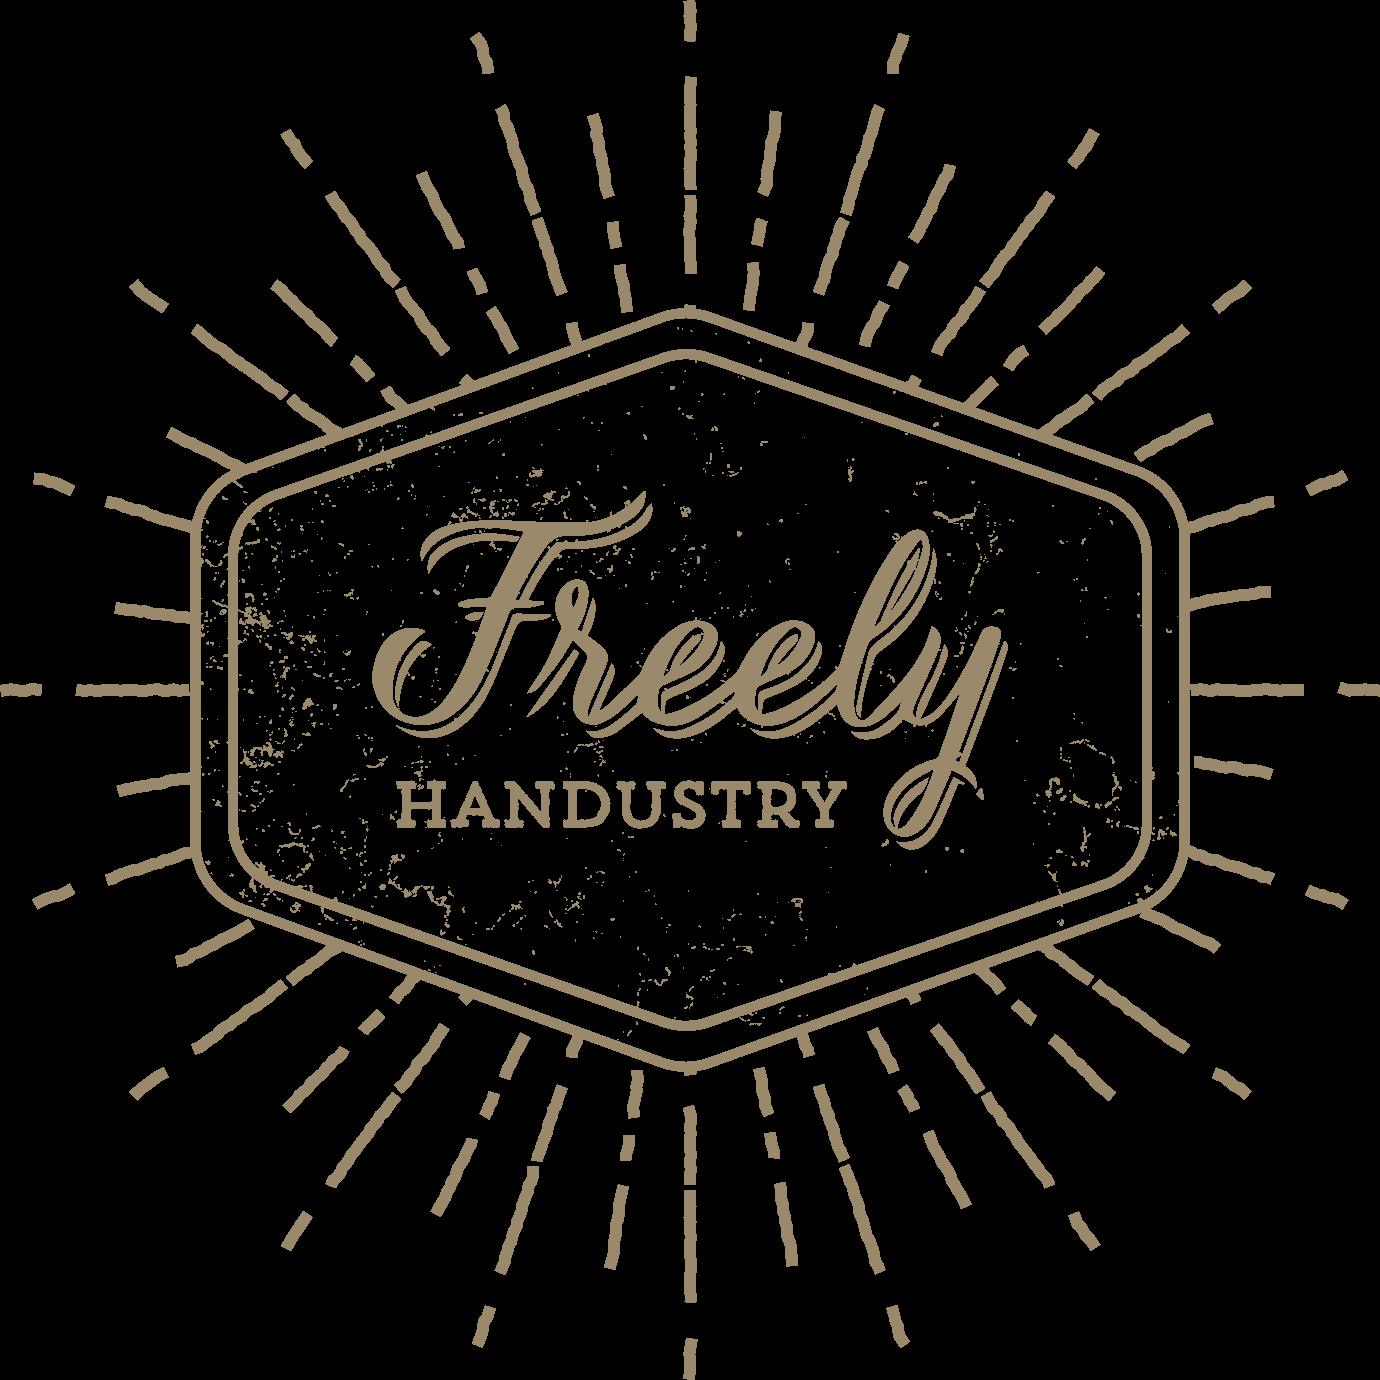 Freely Handustry